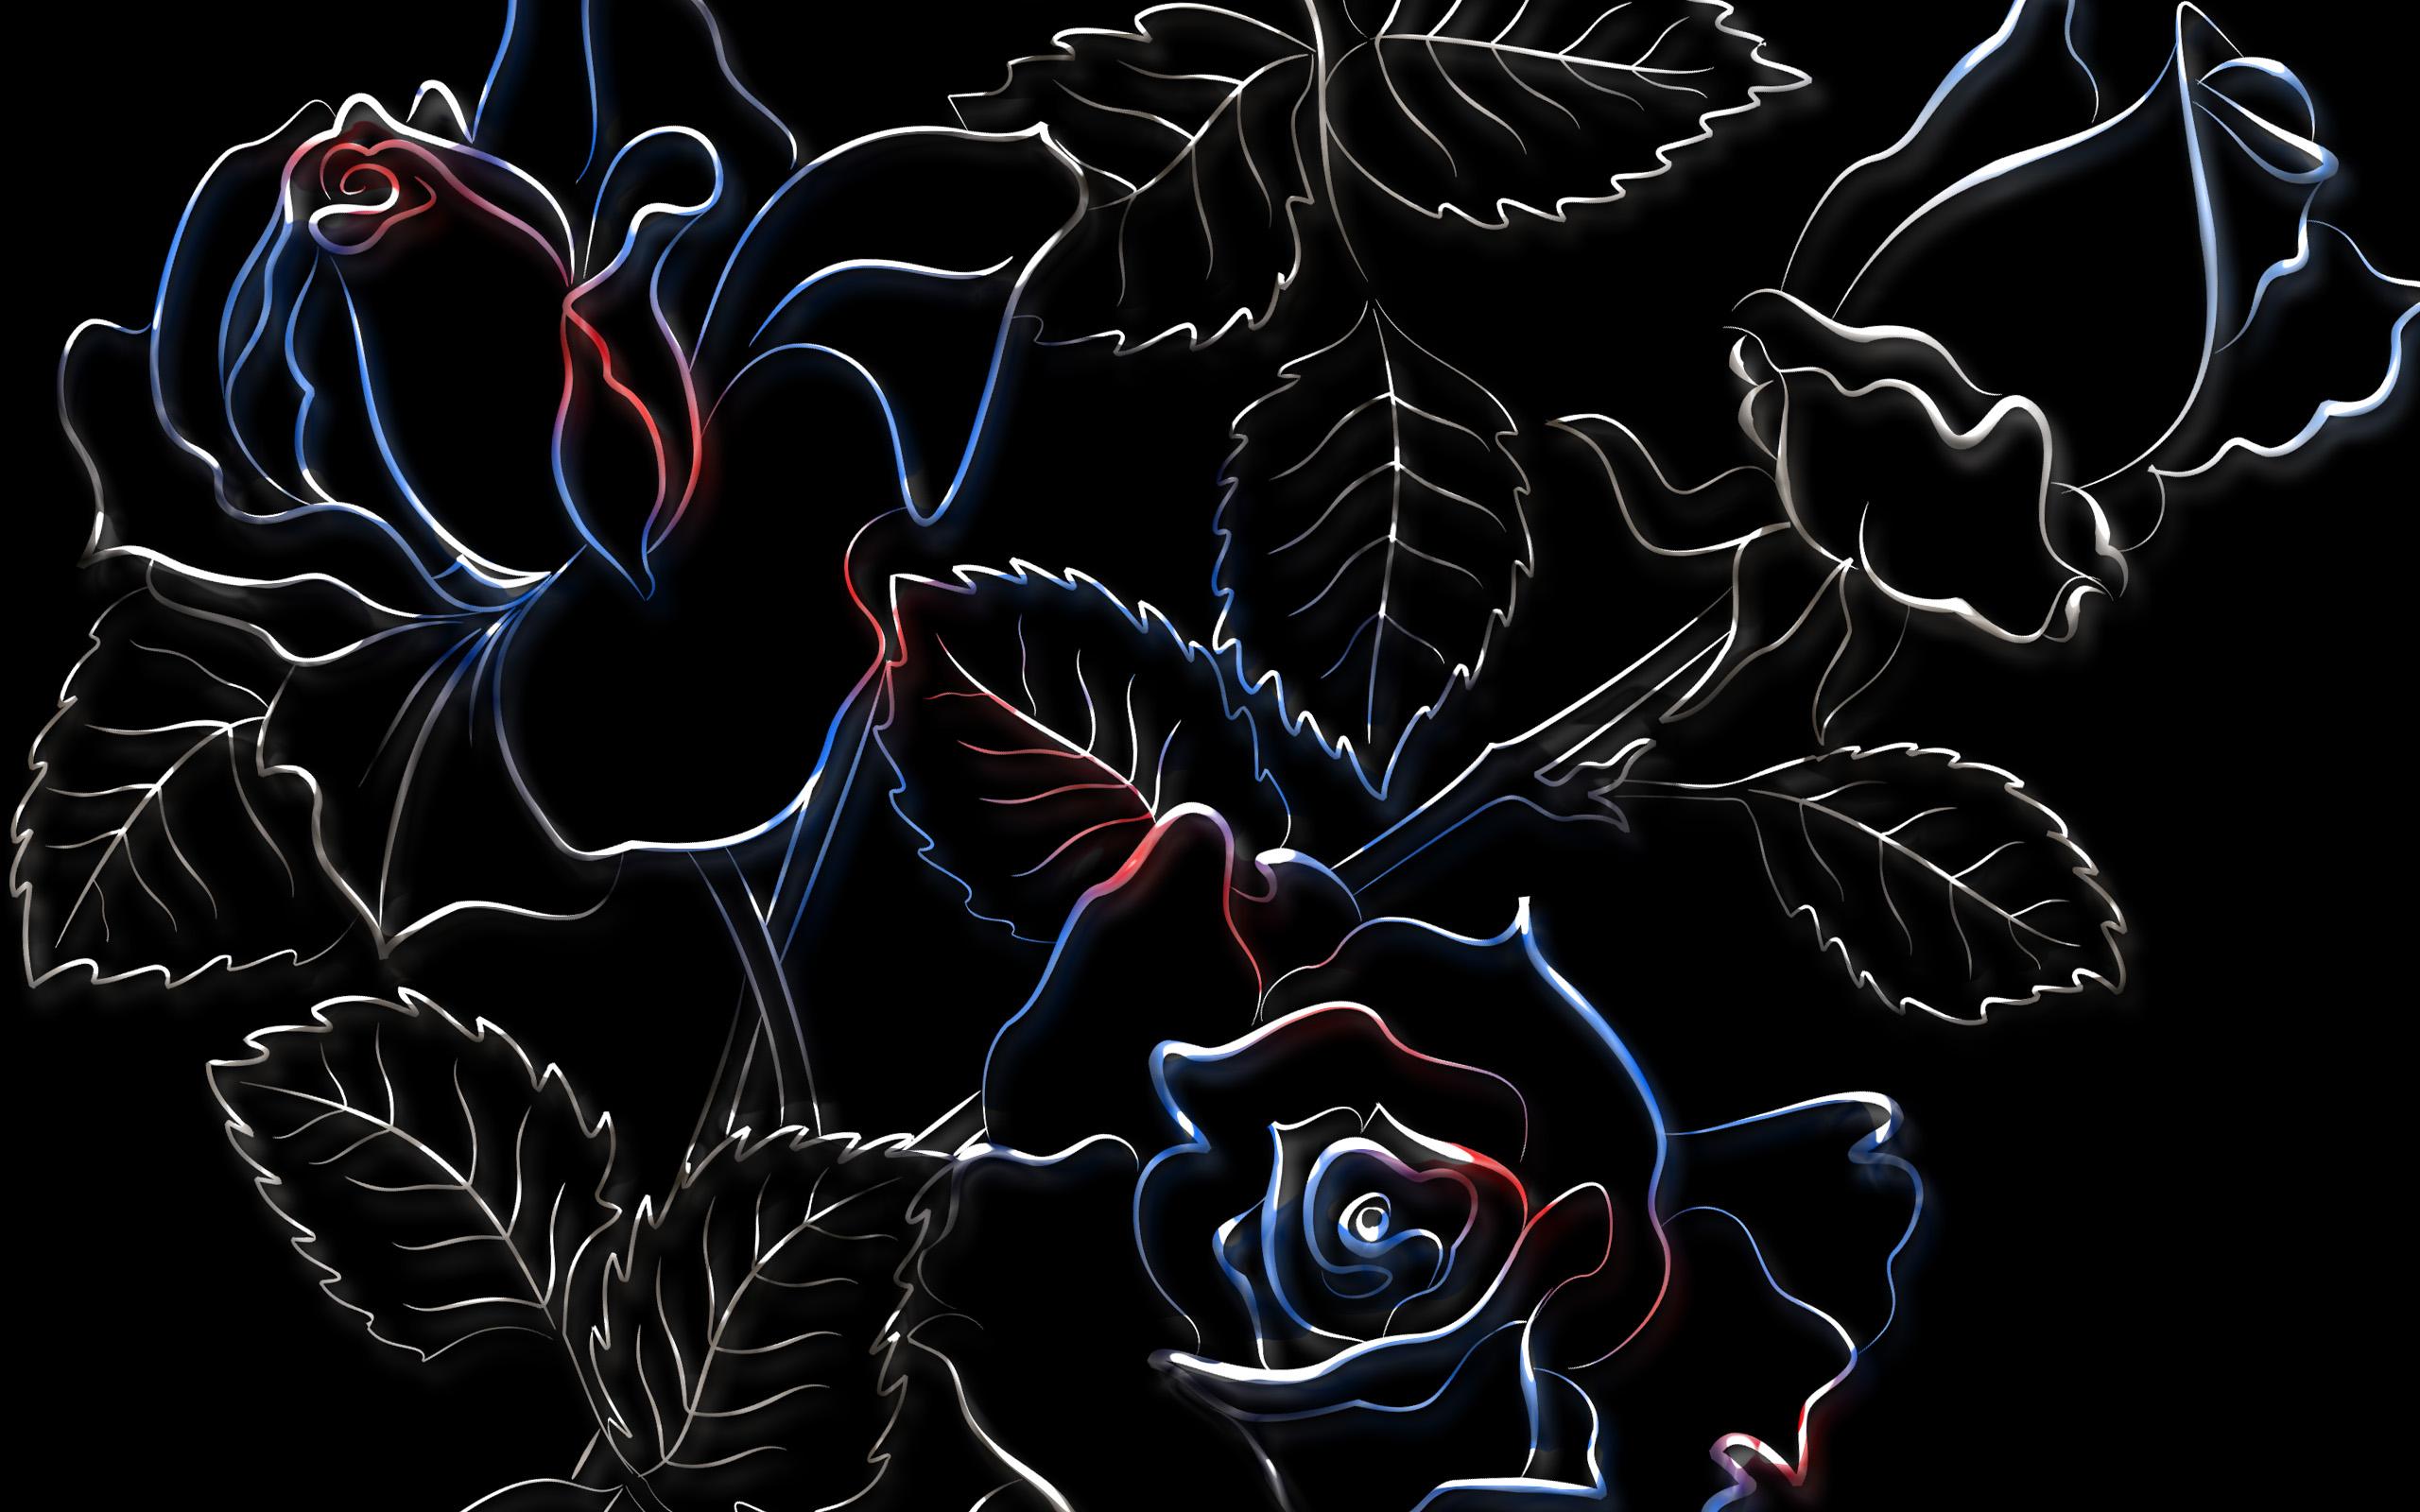 картинки на экран цветы на черном фоне инфекционных болезней состоит